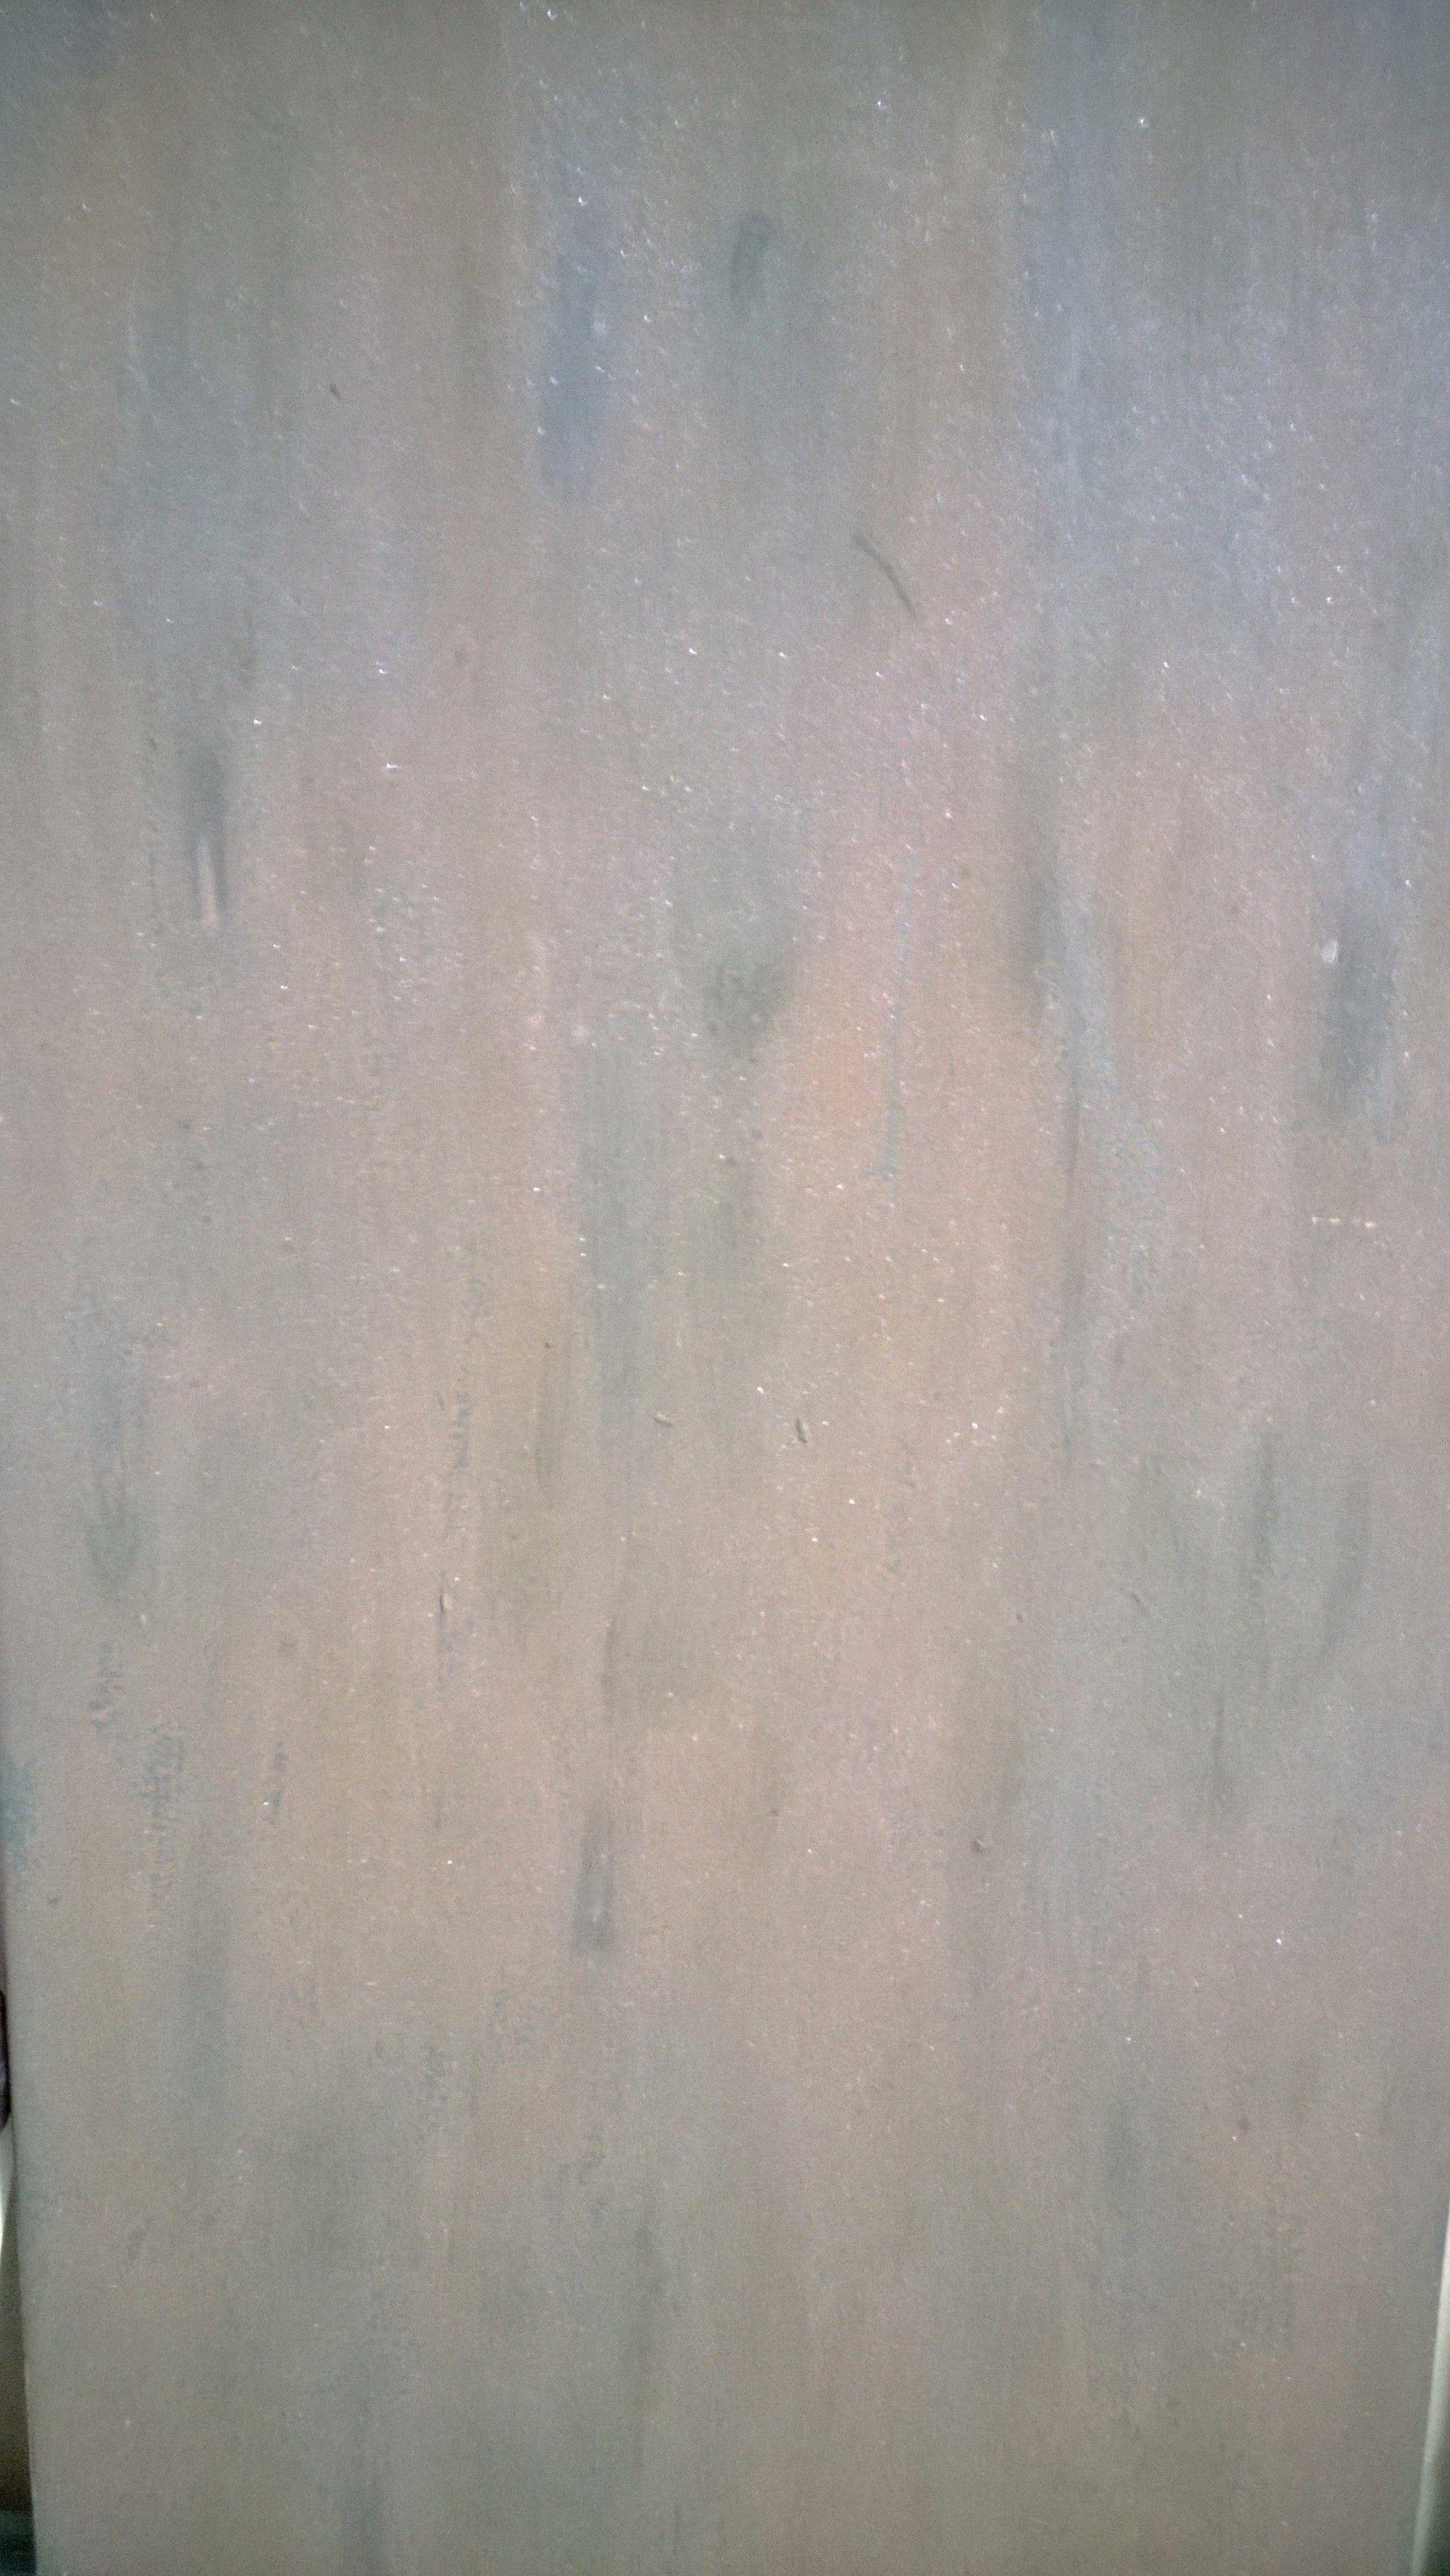 anstrich badezimmer anstrich statt fliesen fishzero dusche putz statt fliesen with anstrich. Black Bedroom Furniture Sets. Home Design Ideas